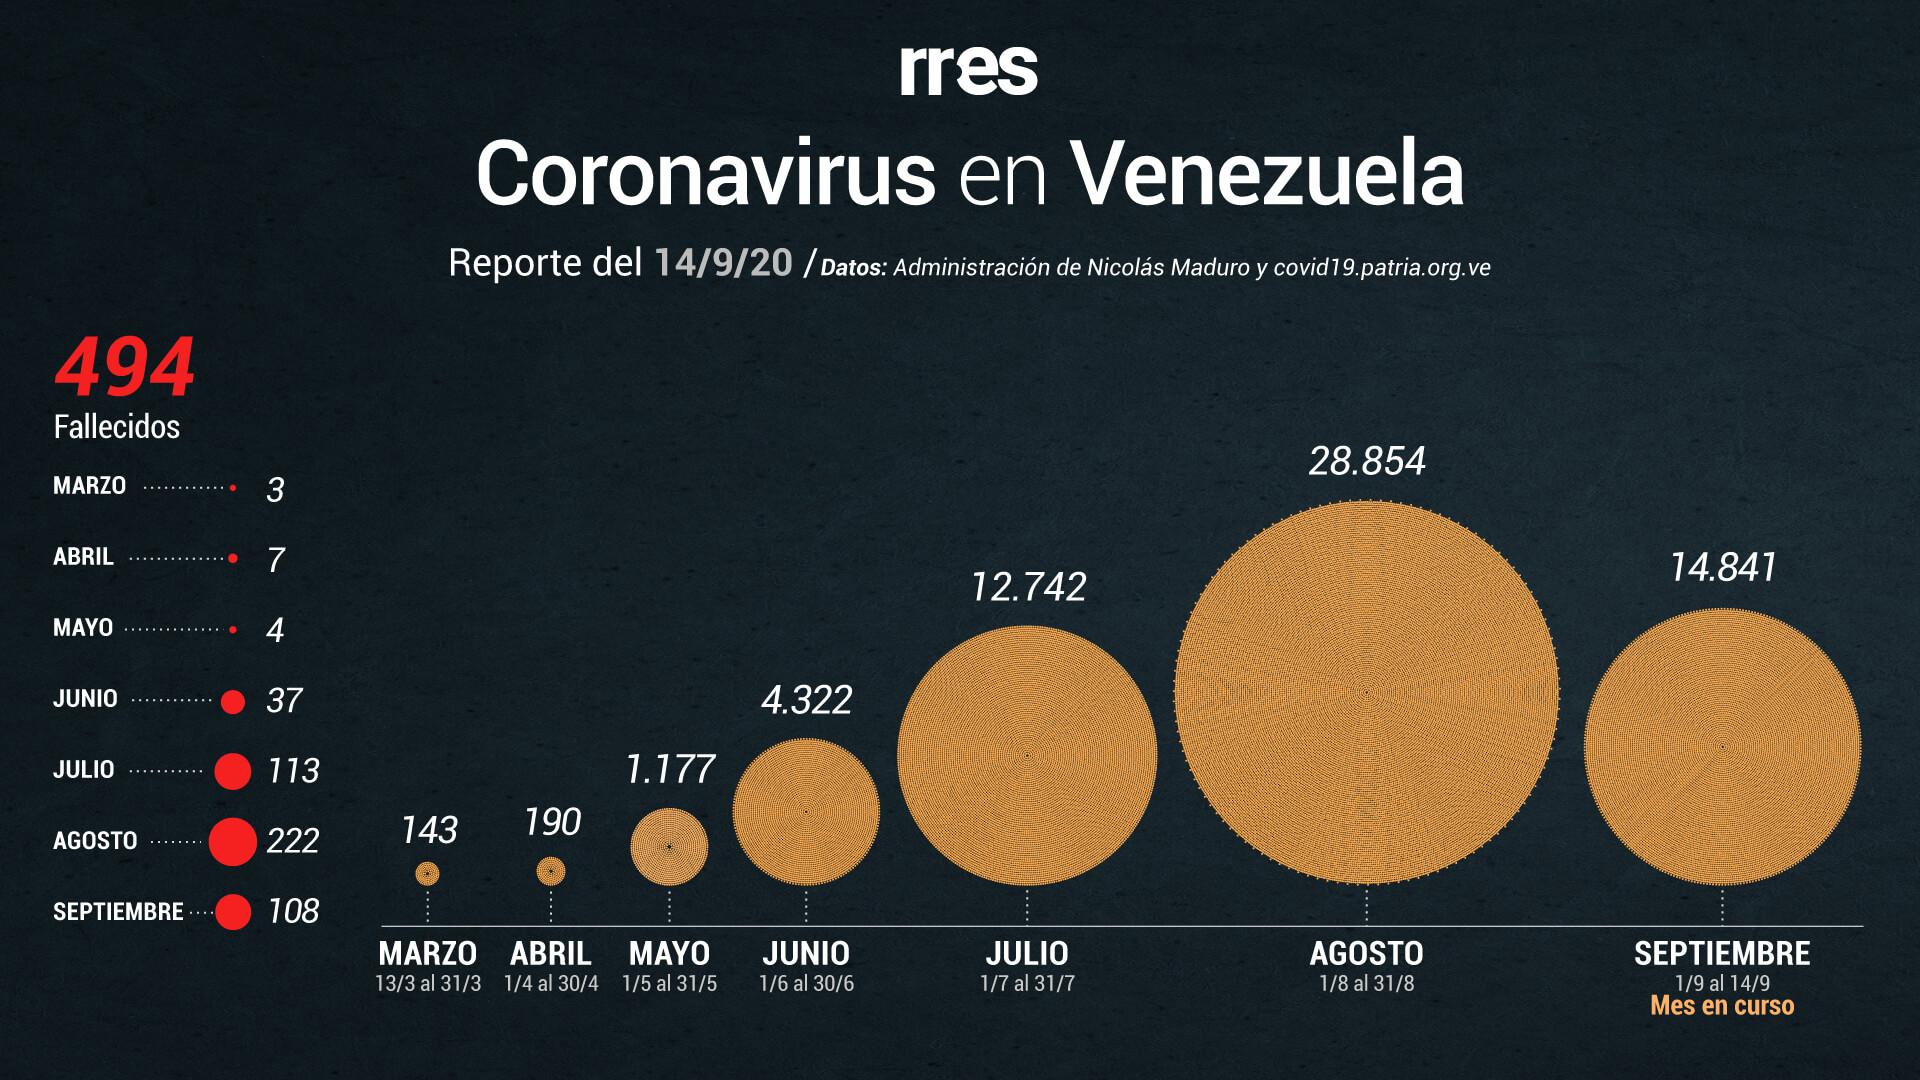 Venezuela roza los 500 fallecidos por COVID-19 y reporta 1.029 nuevos casos este #14Sep